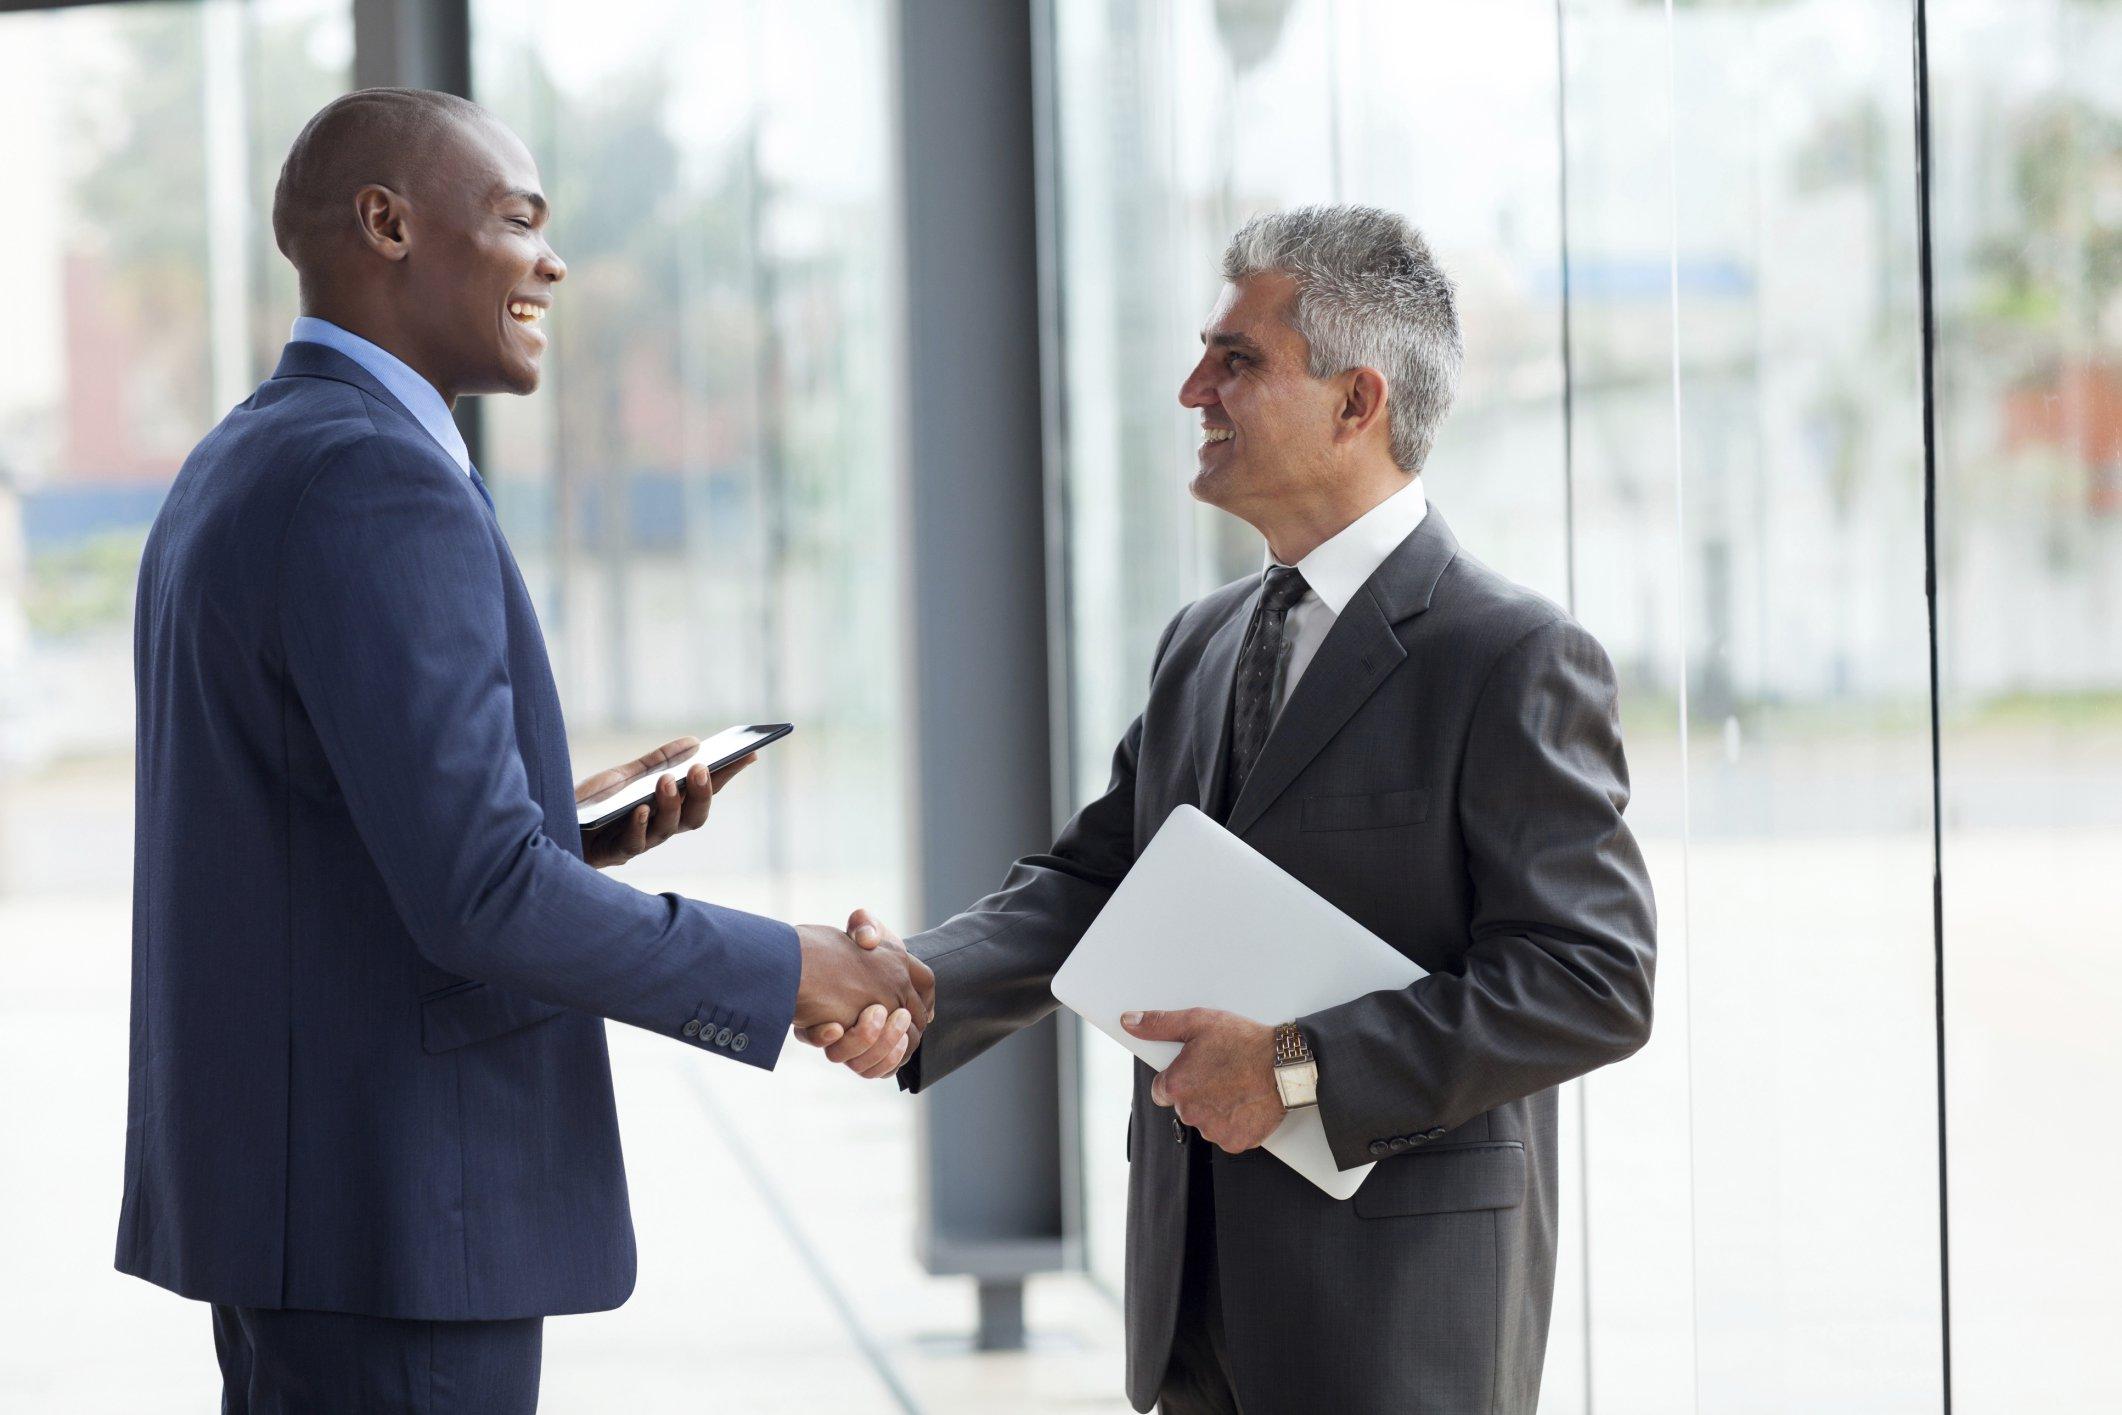 """6 tình huống khiến bạn chẳng thể nào """"ngóc đầu"""" lên được trong sự nghiệp"""